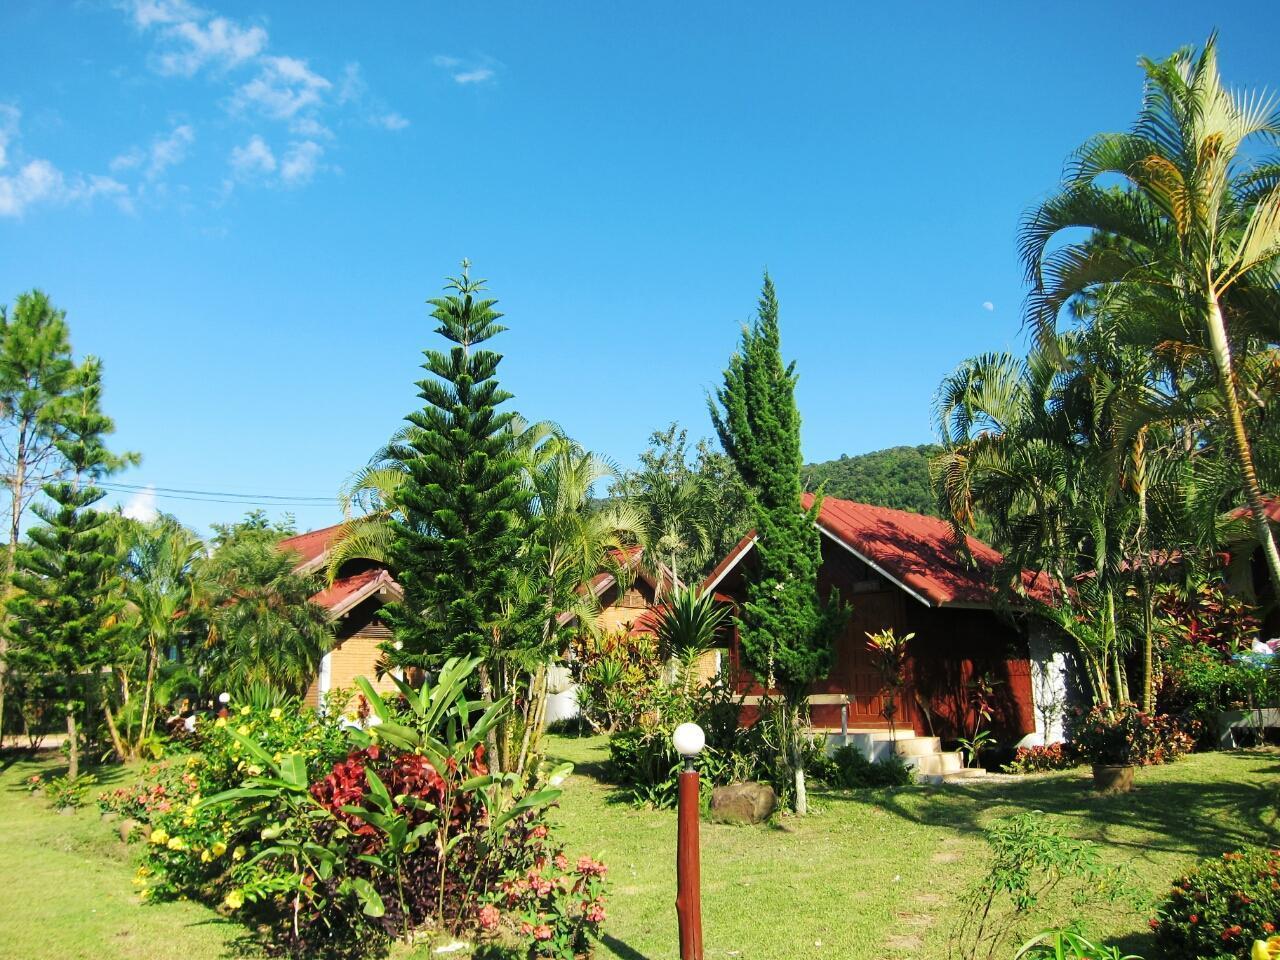 Thai Loei 300 Pee Resort ไทย เลย 300 ปี รีสอร์ท